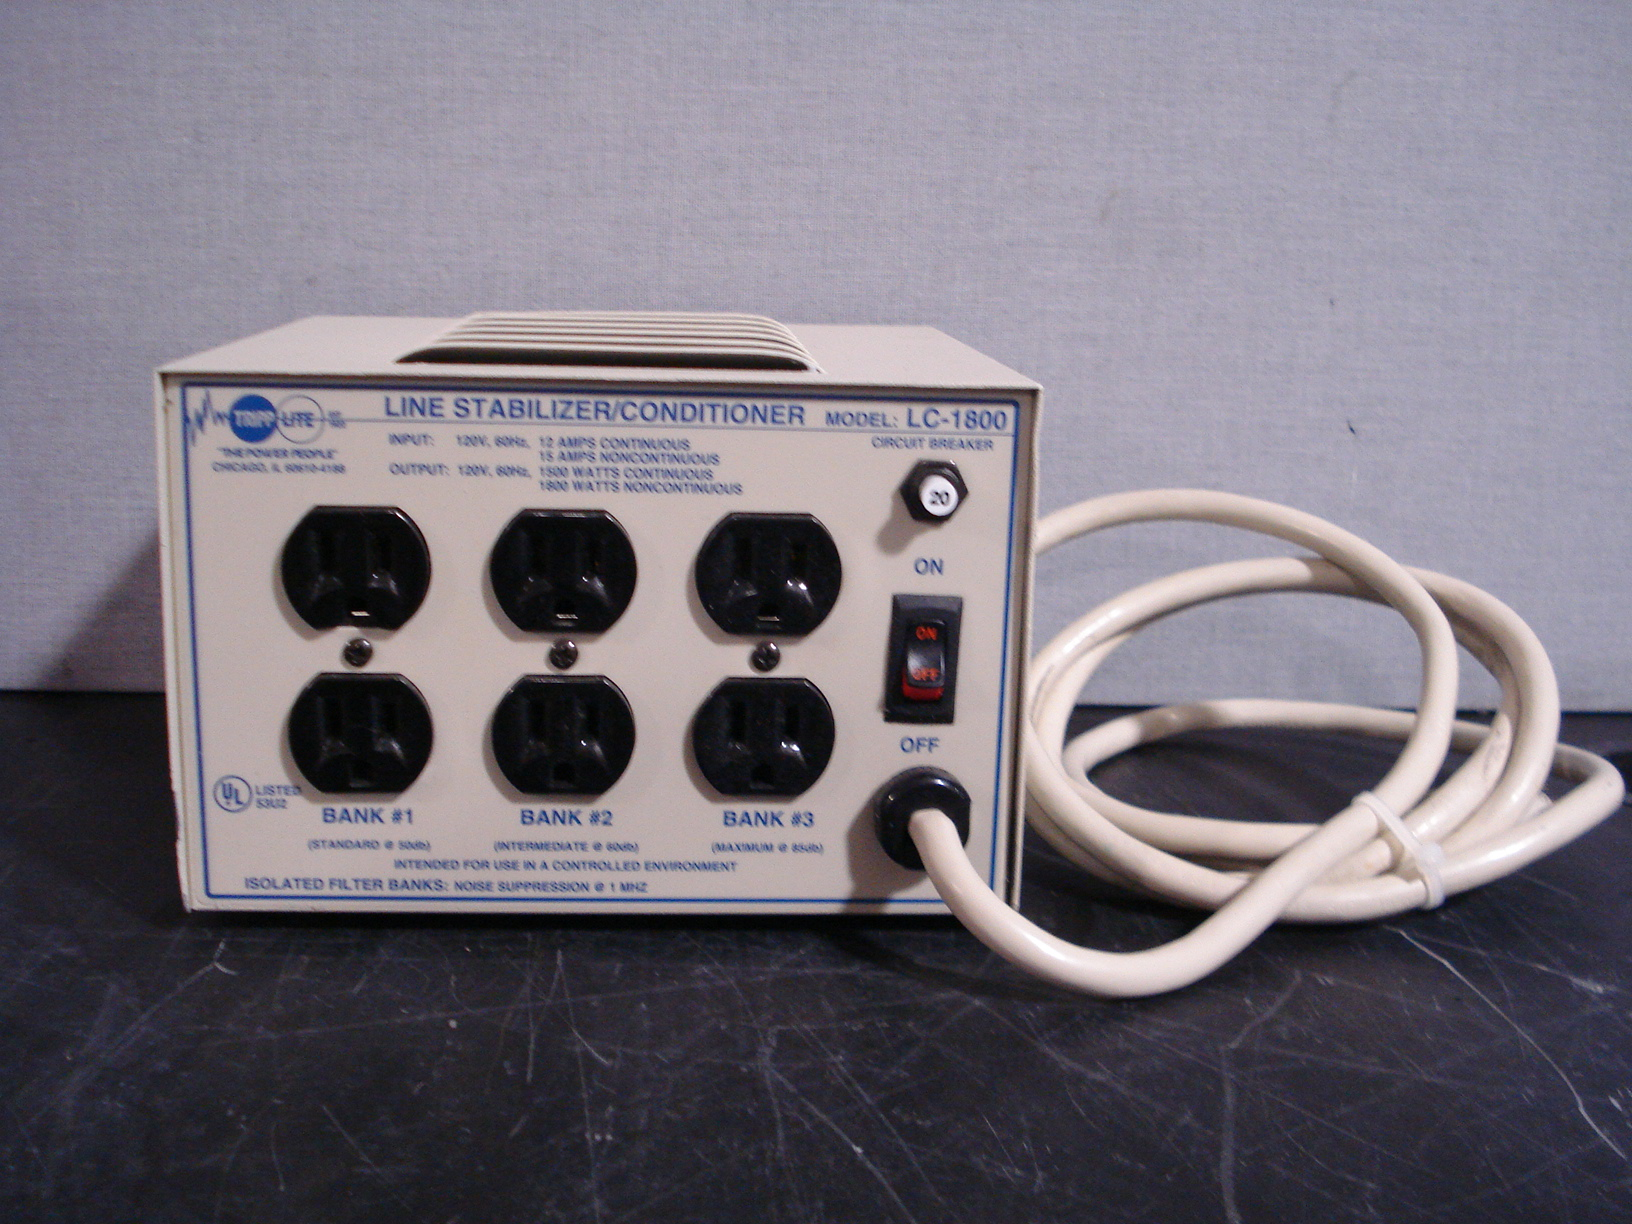 Refurbished Tripp Lite Line Stabilizer Conditioner Model